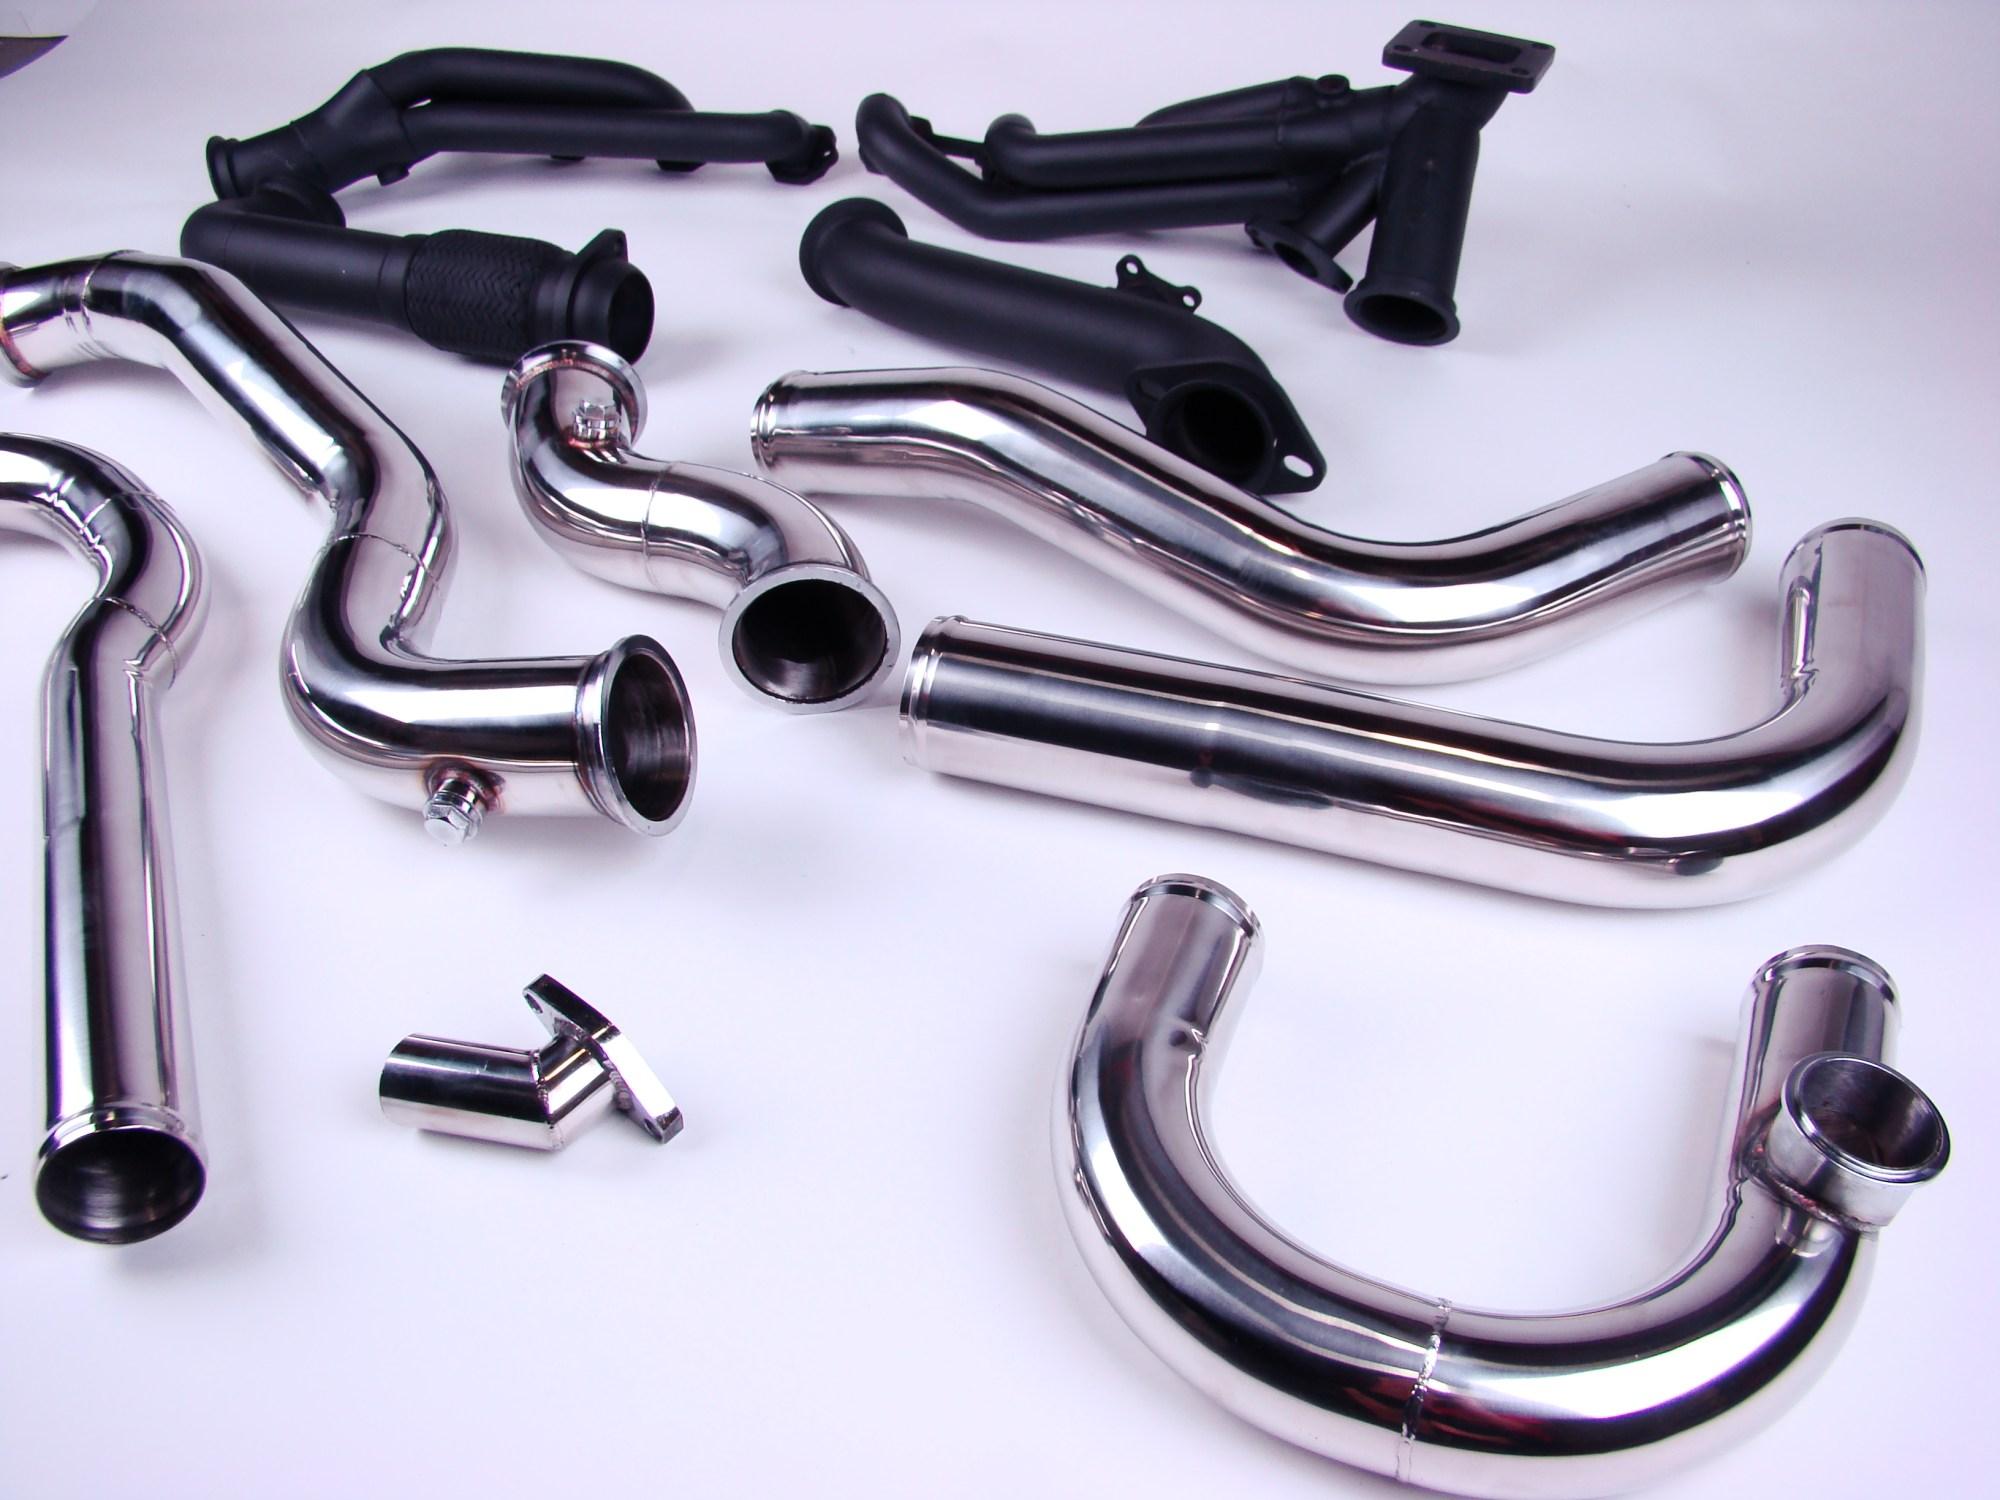 hight resolution of 1994 95 mustang gt cobra turbo system sn95